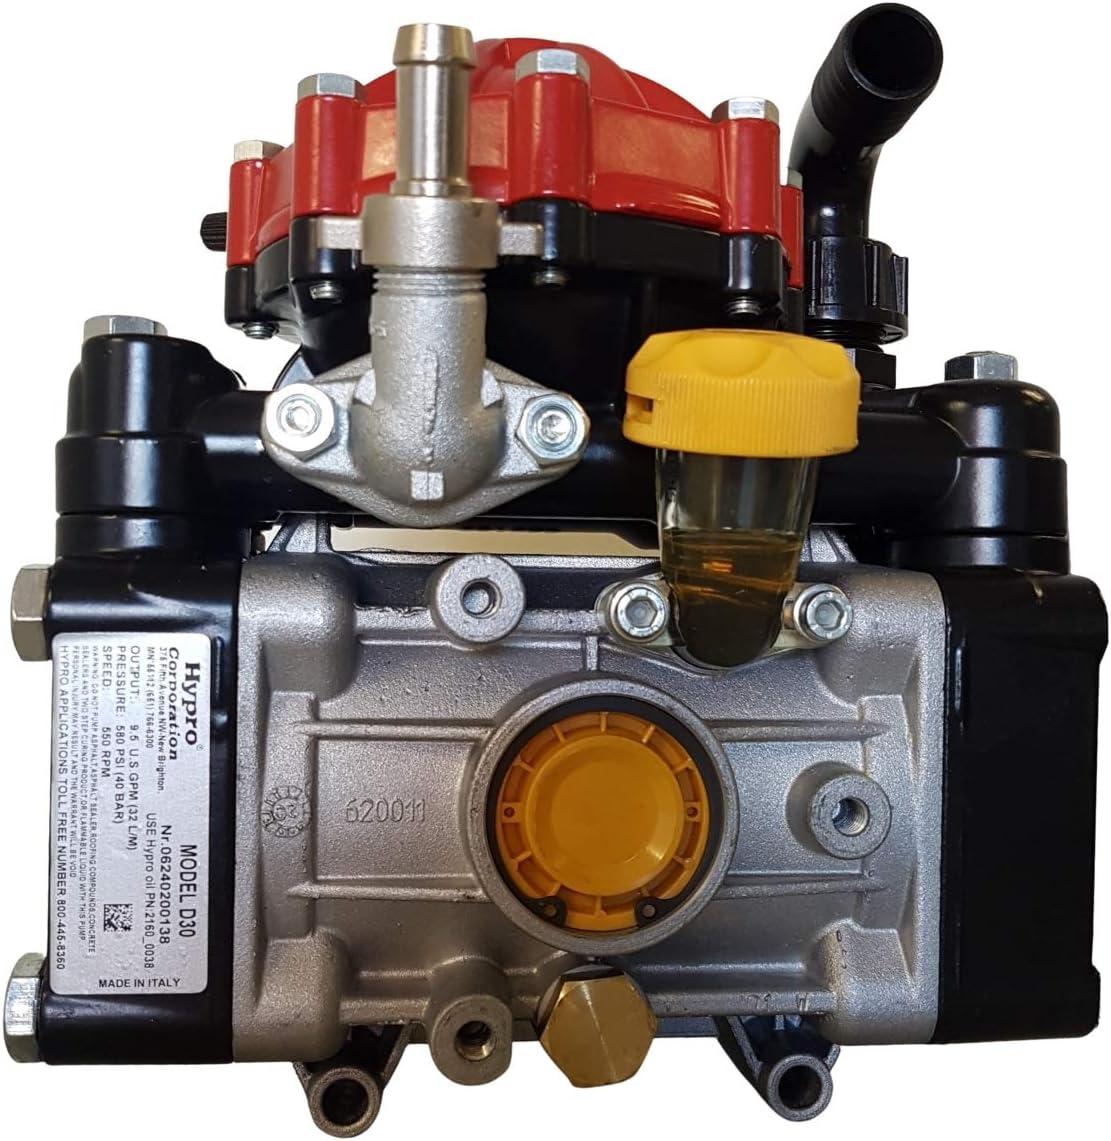 Hypro D30 Large discharge Regular store sale Pump Diaphragm